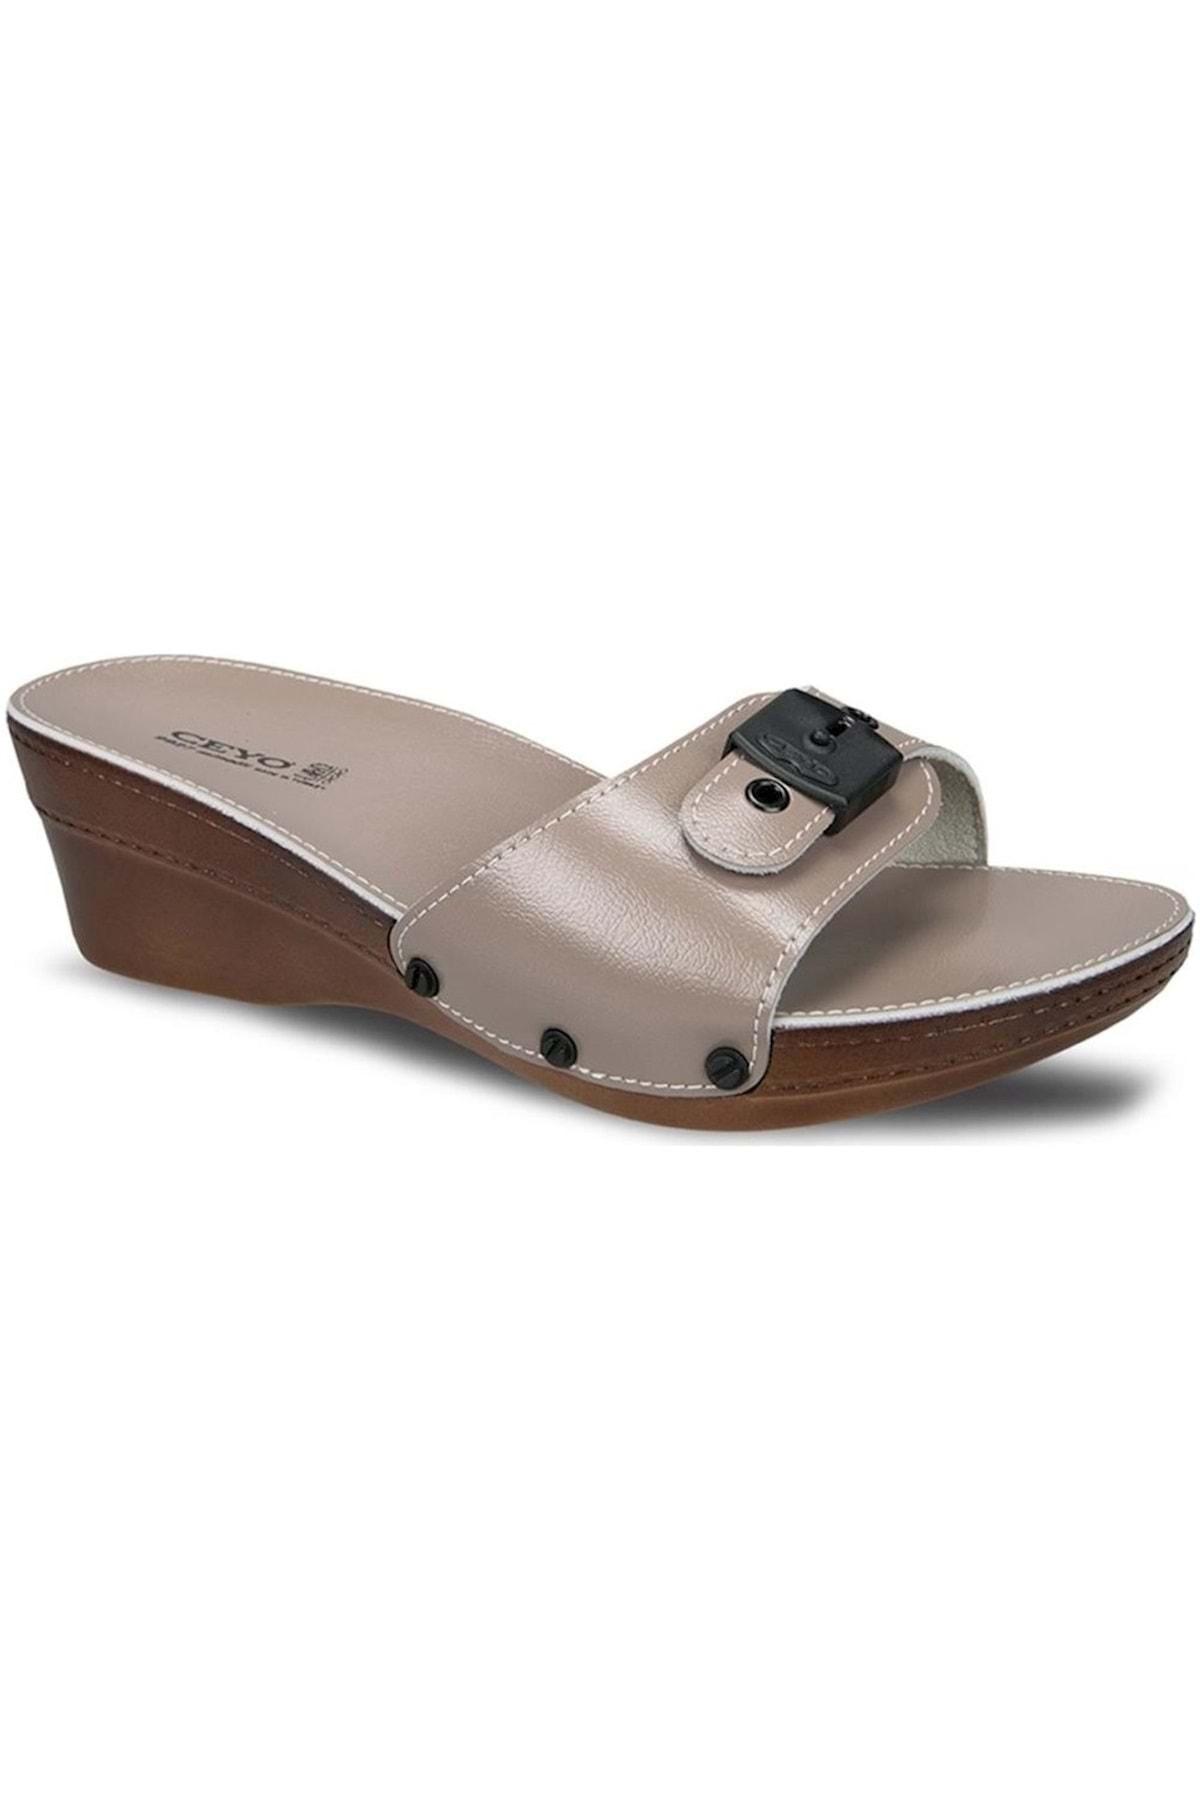 النساء الصنادل الكريستال البيج الكعوب كامل العظام الصيف داخلي في الهواء الطلق الوجه يتخبط حذاء الشاطئ النعال الإناث منصة عادية